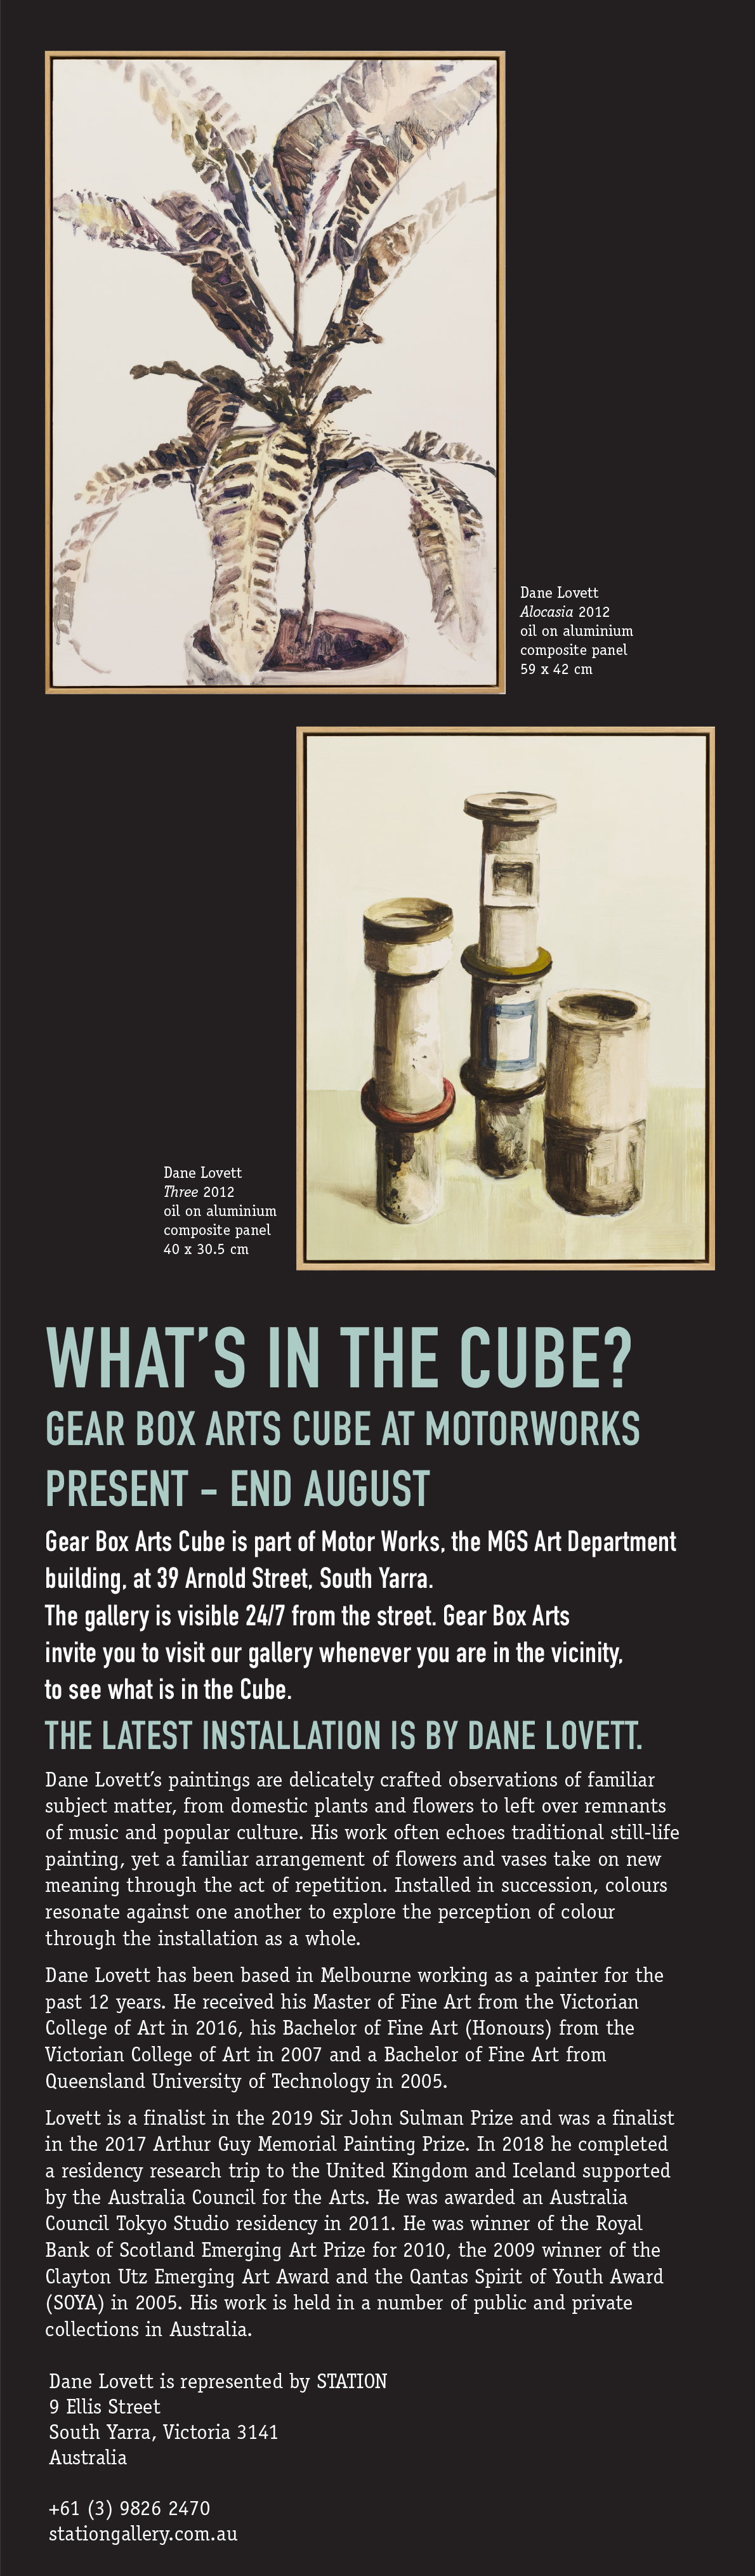 Dane Lovett What's in the cube.jpg